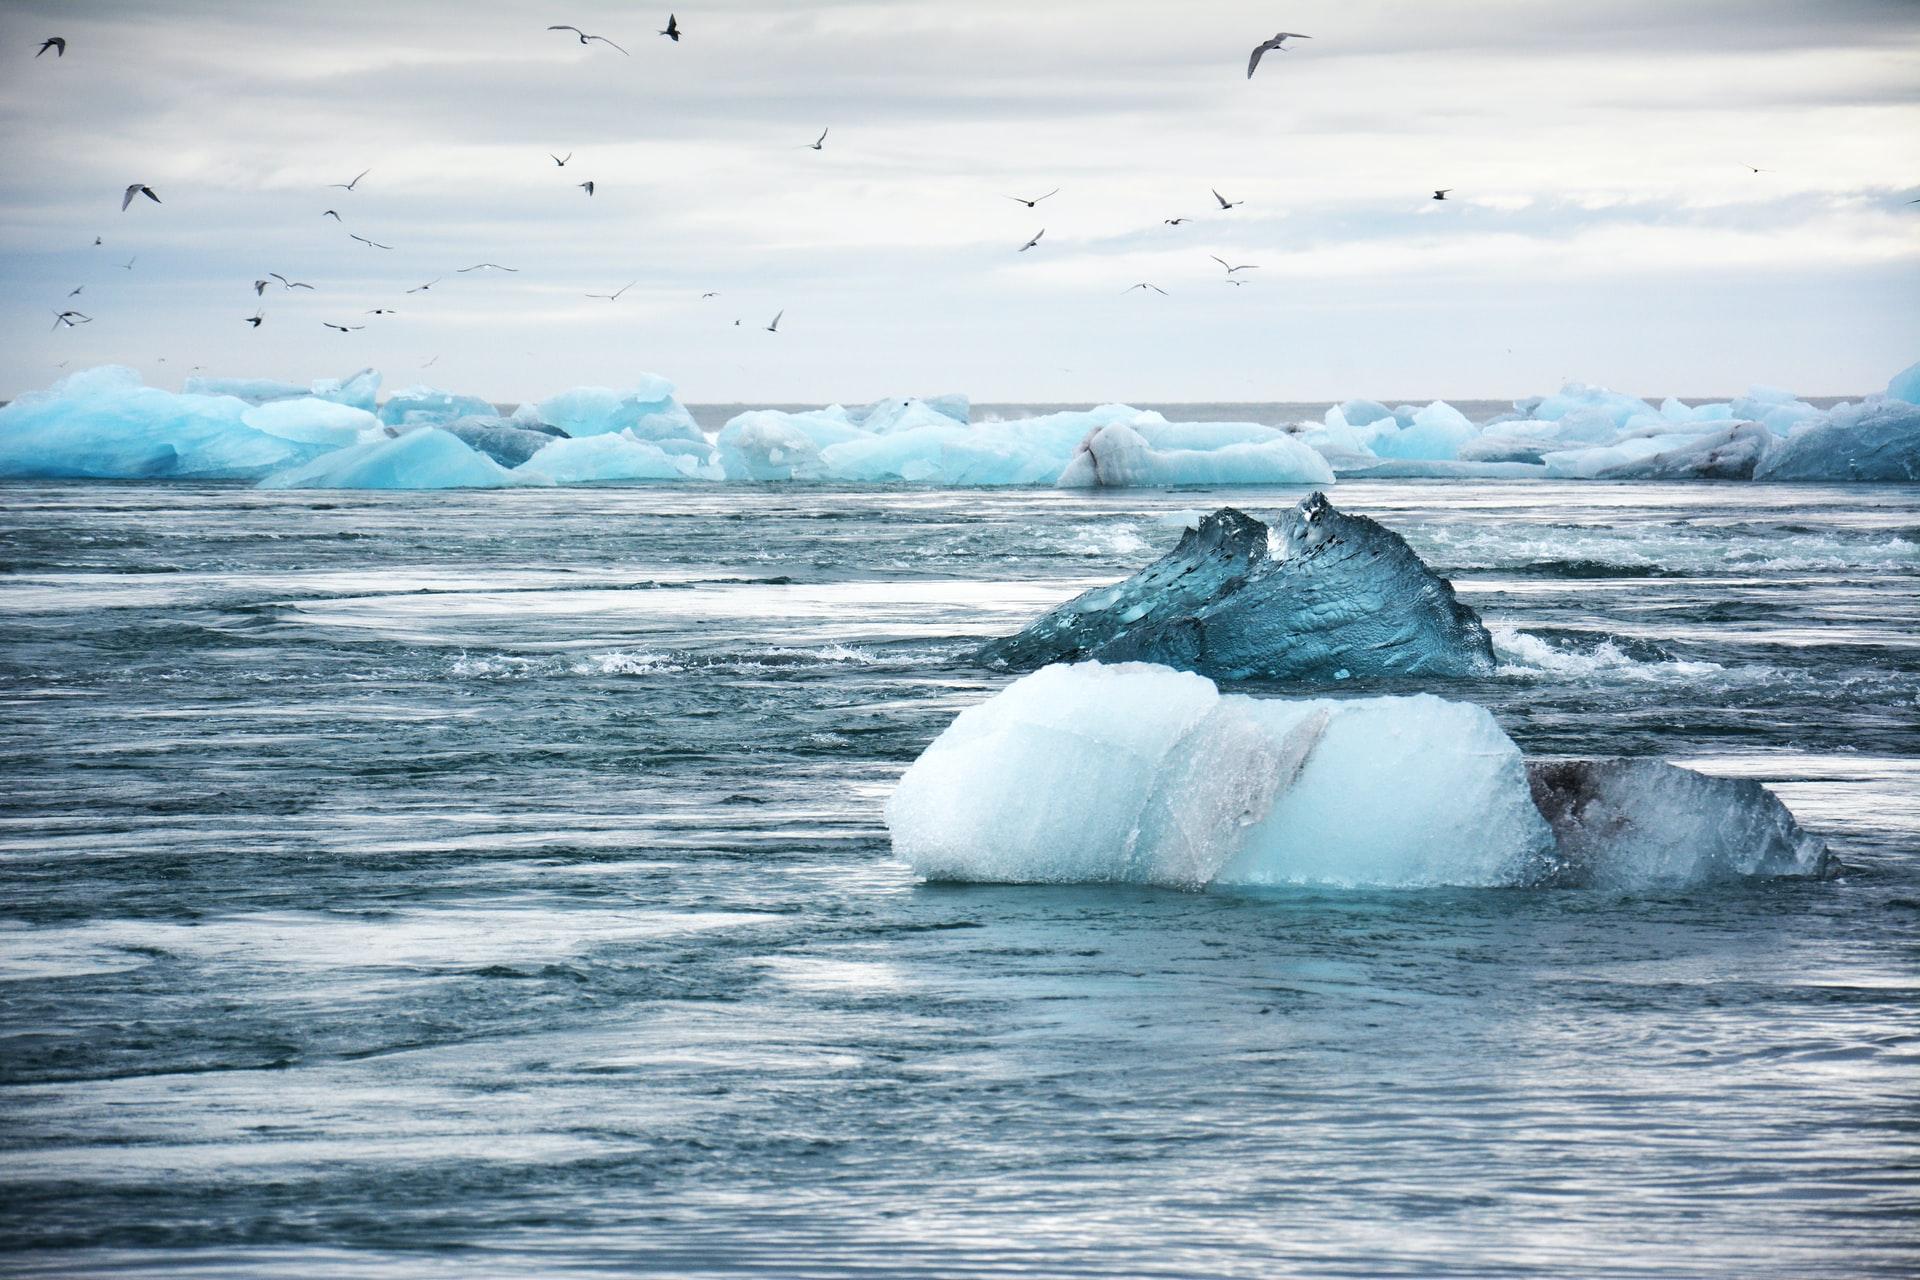 globalis felmelegedes oceani hohullamok eghajlatvaltozas klimavalsag